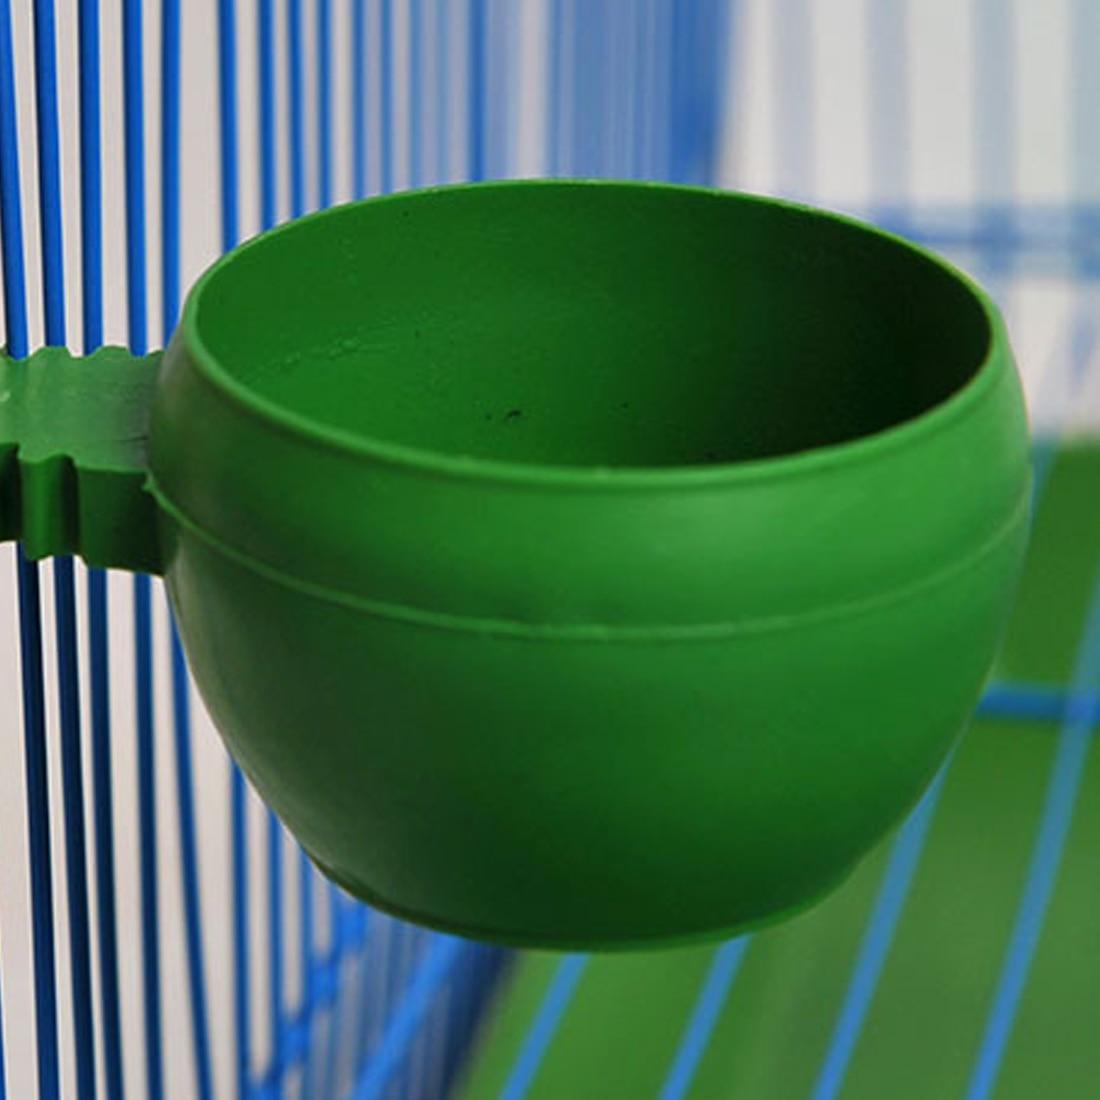 Клетка для попугаев, пластиковая круглая кормушка для воды и корма, миска для кормления высокого качества